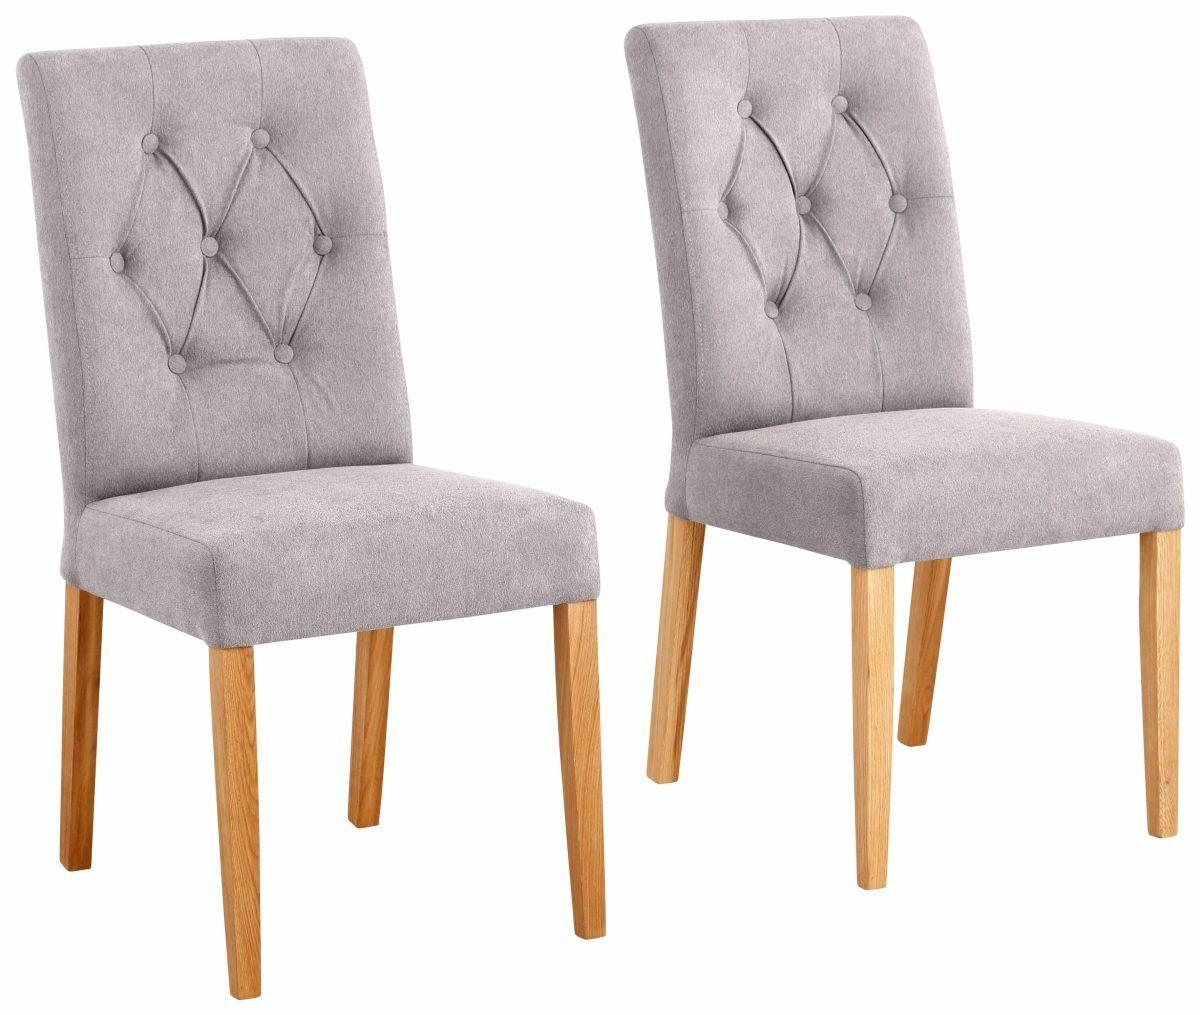 Genial Home Affaire Stühle »Regina« Beige, 6er Set, Webstoff, Strapazierfähig, FSC